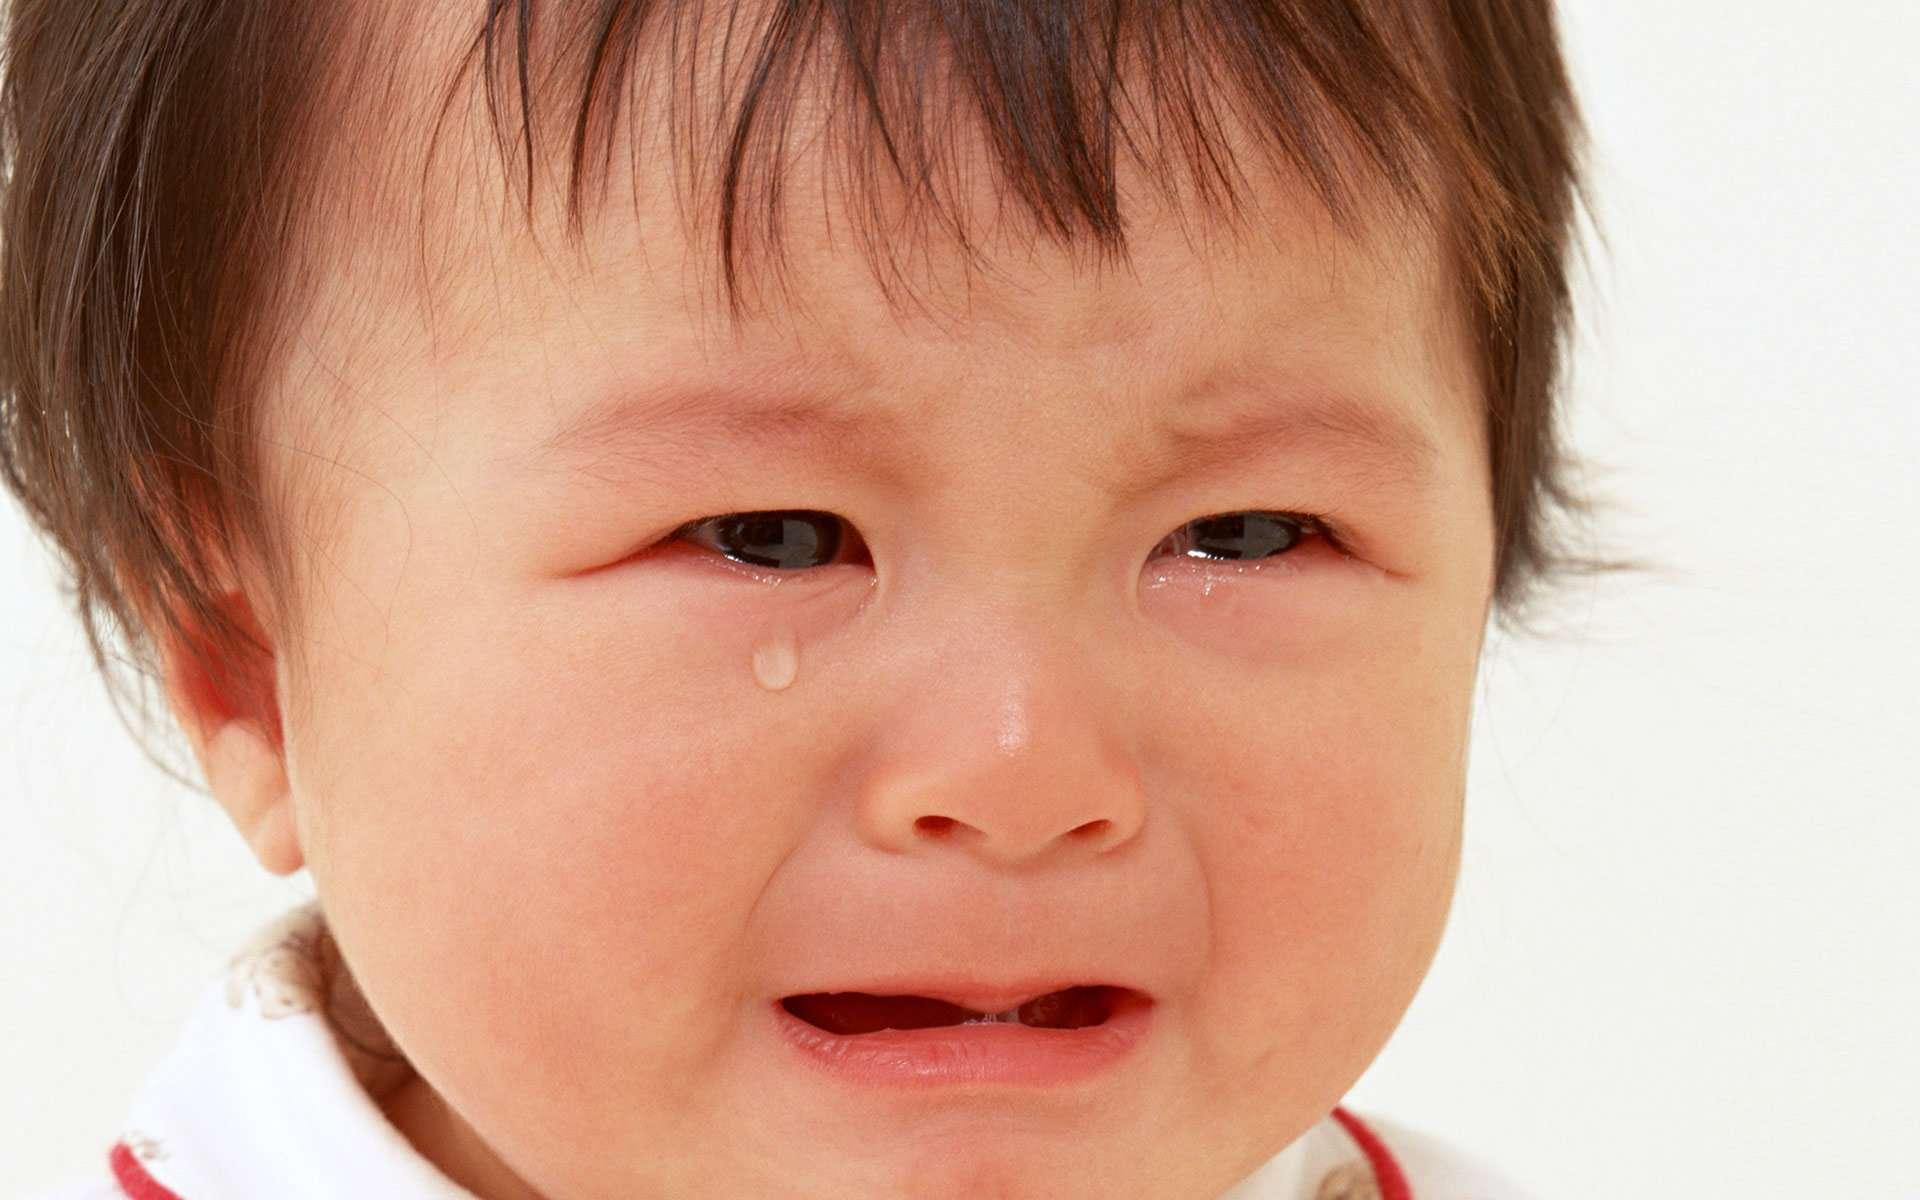 أضرار كثرة البكاء على صحة الإنسان والأطفال بشكل خاص موقع حصرى